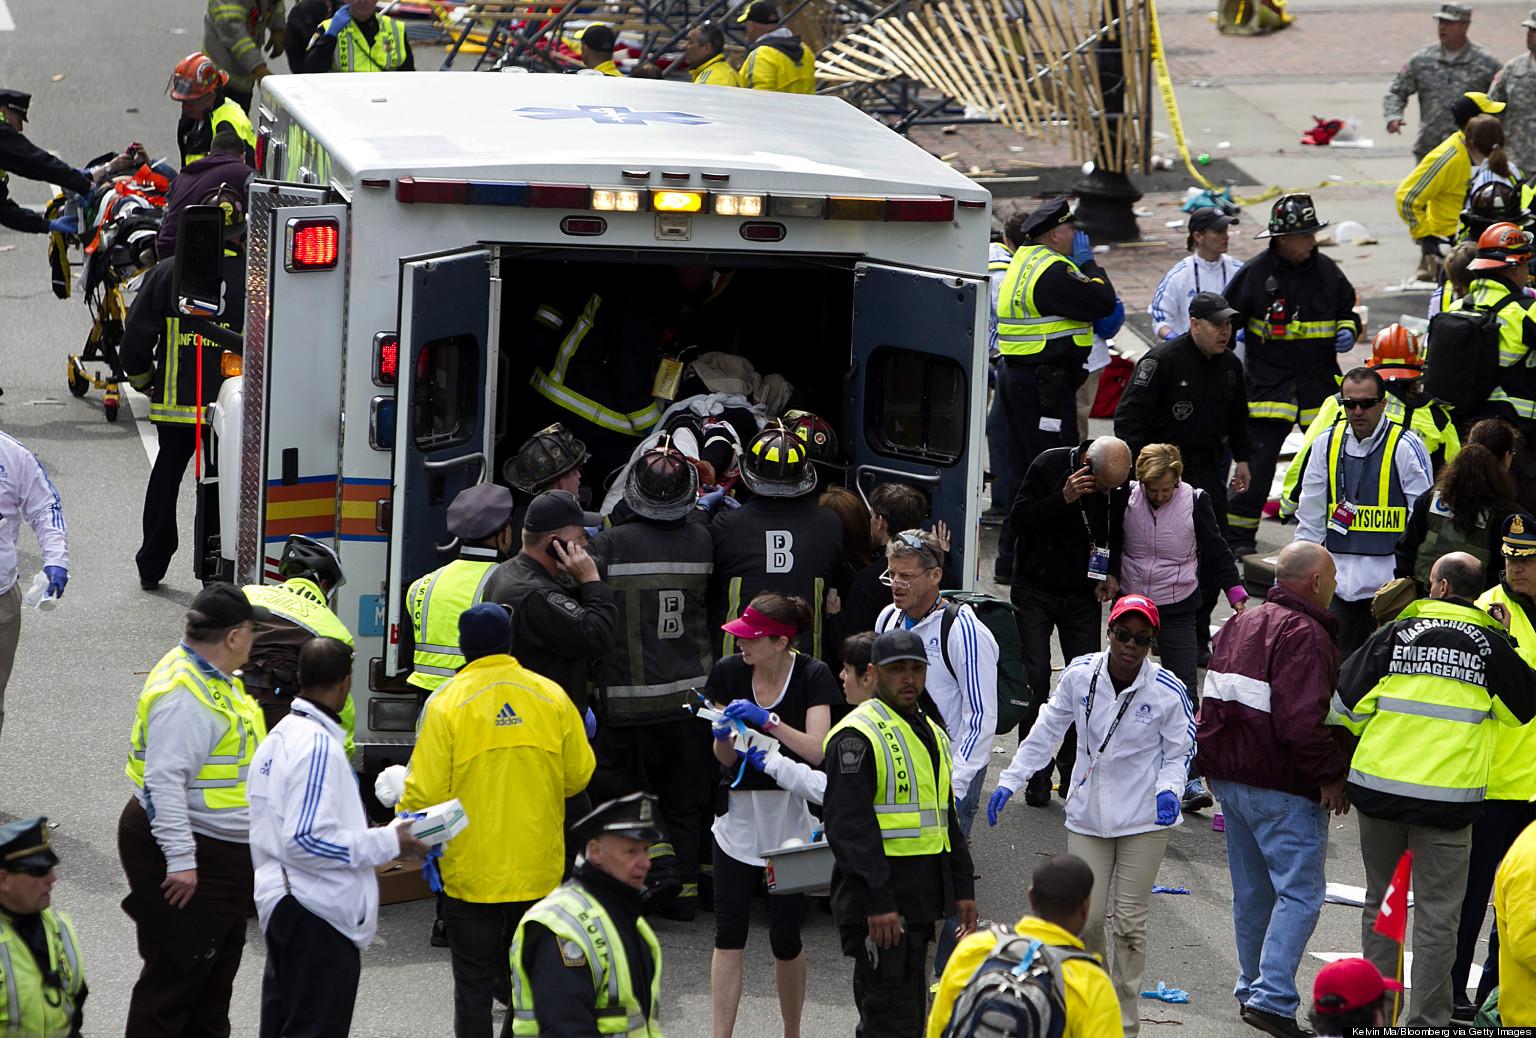 Boston Marathon bombing: Celebs react – SheKnows